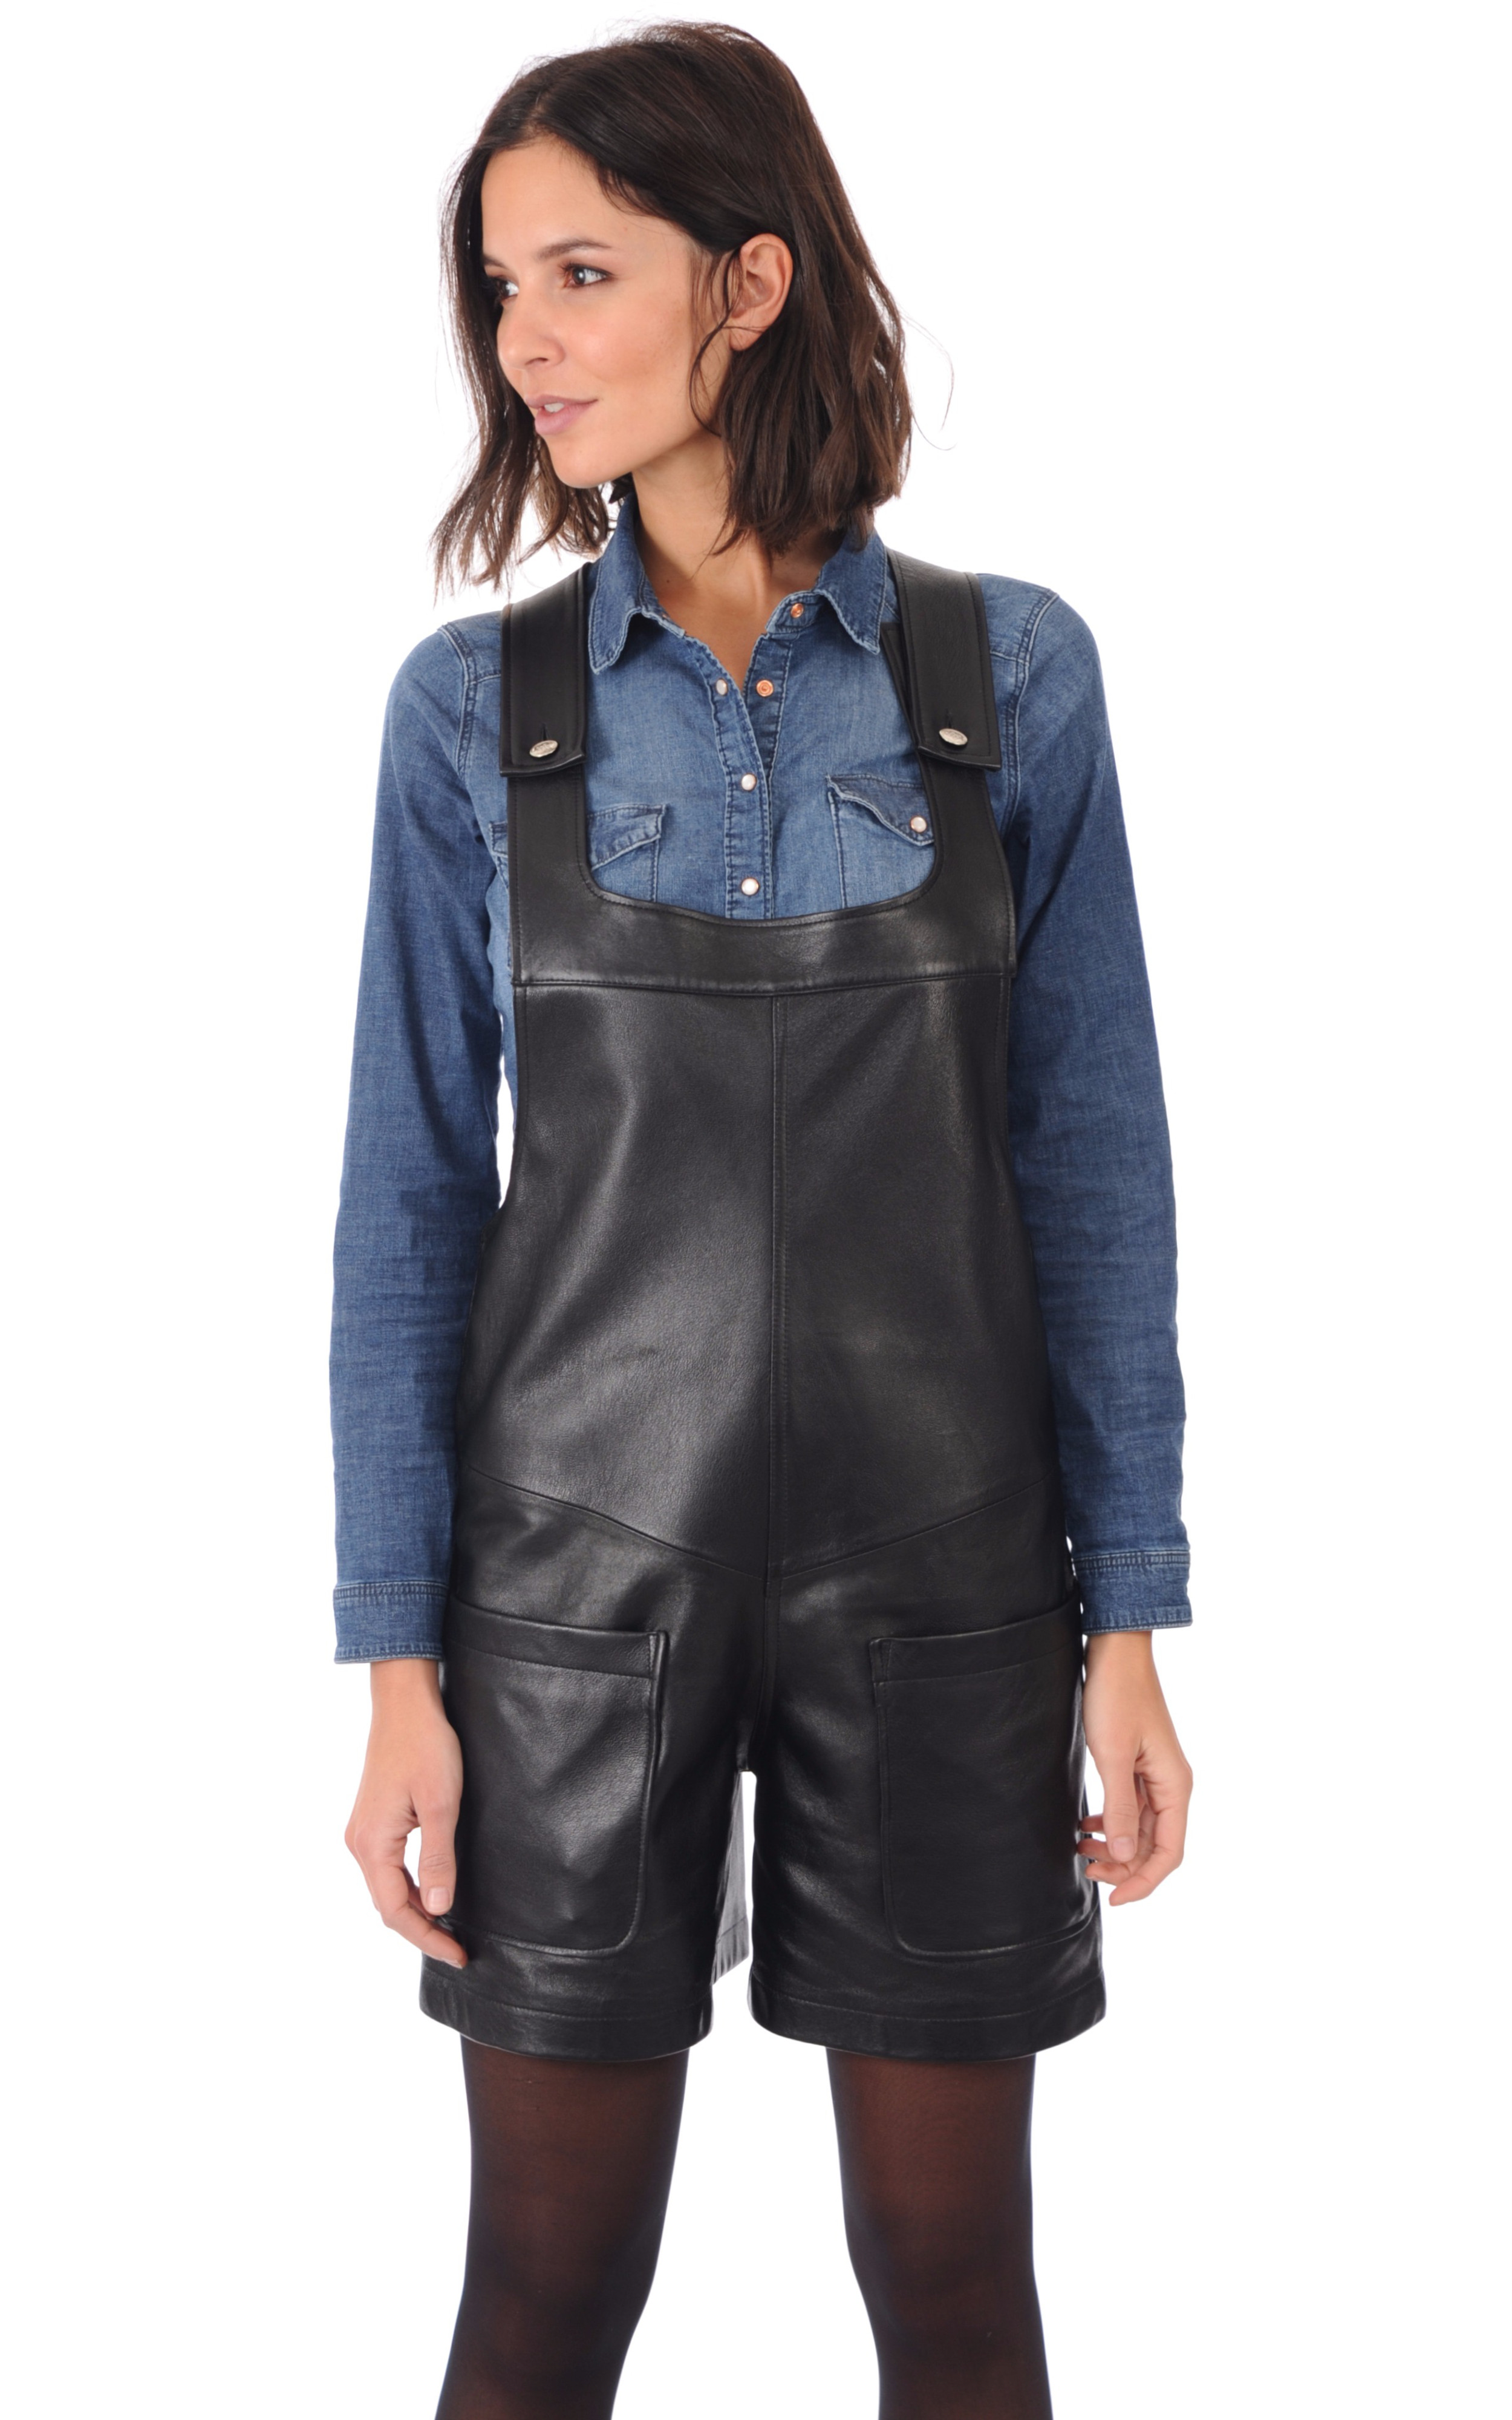 salopette cuir femme lou andrea la canadienne pantalon short cuir noir. Black Bedroom Furniture Sets. Home Design Ideas